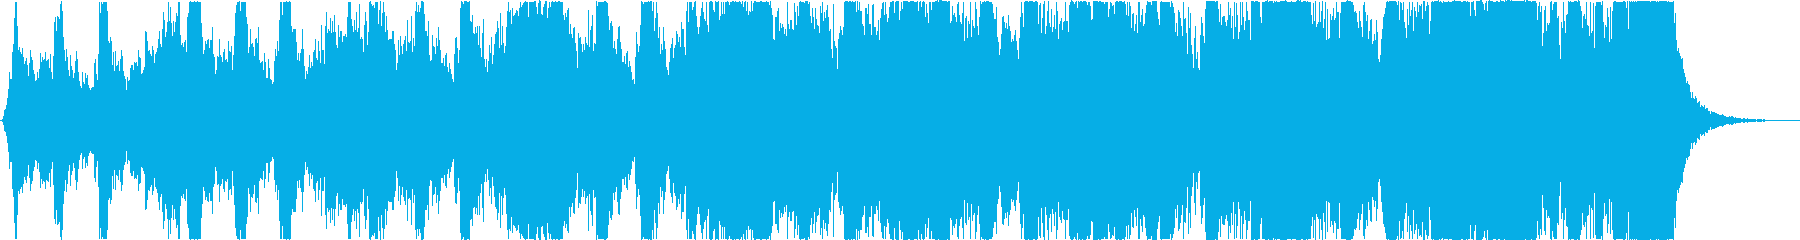 疾走感のある戦闘バトルオーケストラ【力】の再生済みの波形